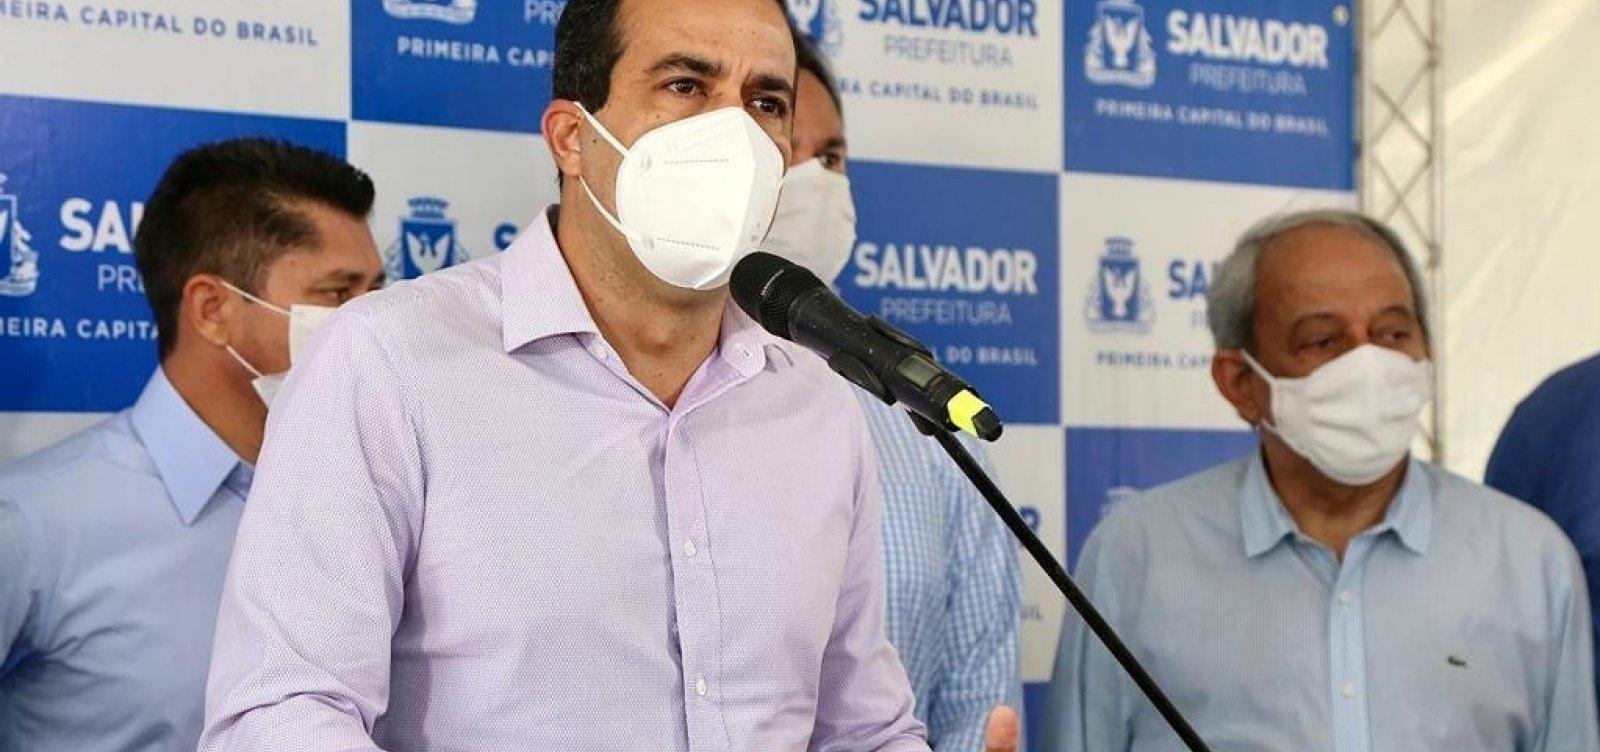 Prefeito diz que ainda não recebeu pedido de licença para ponte Salvador-Itaparica